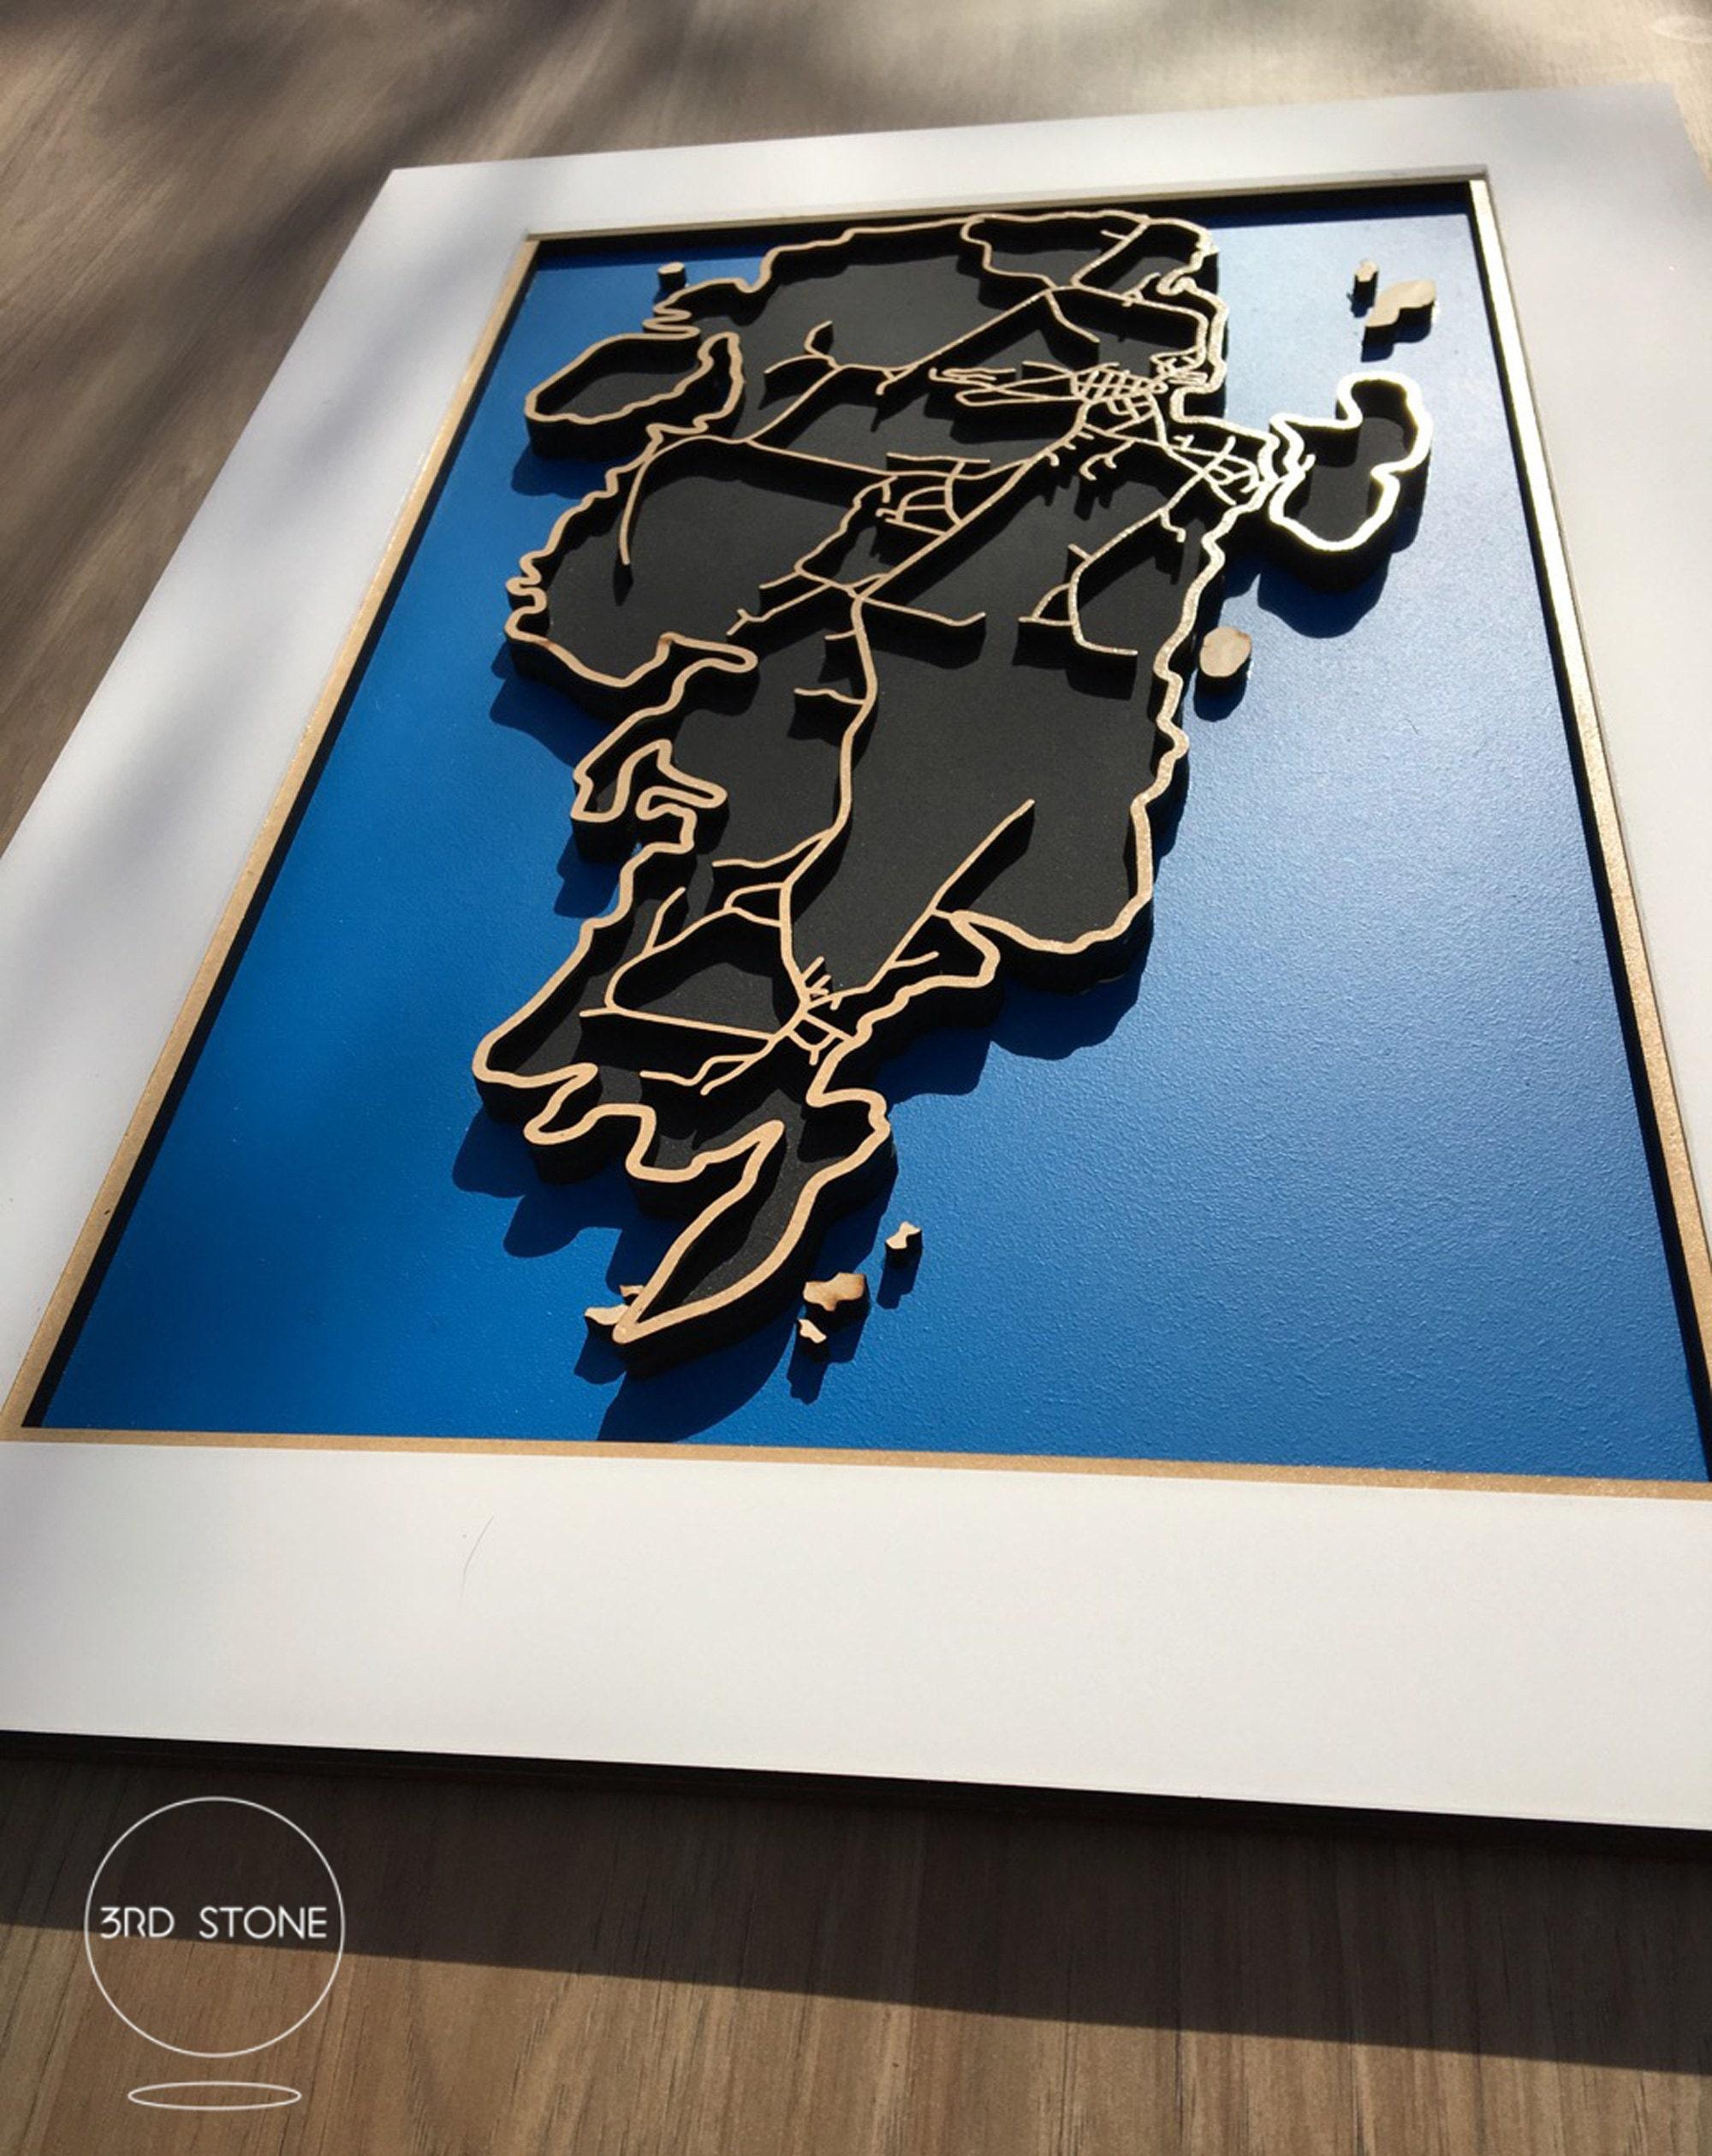 Bohus Malmon. An island of Sweden.